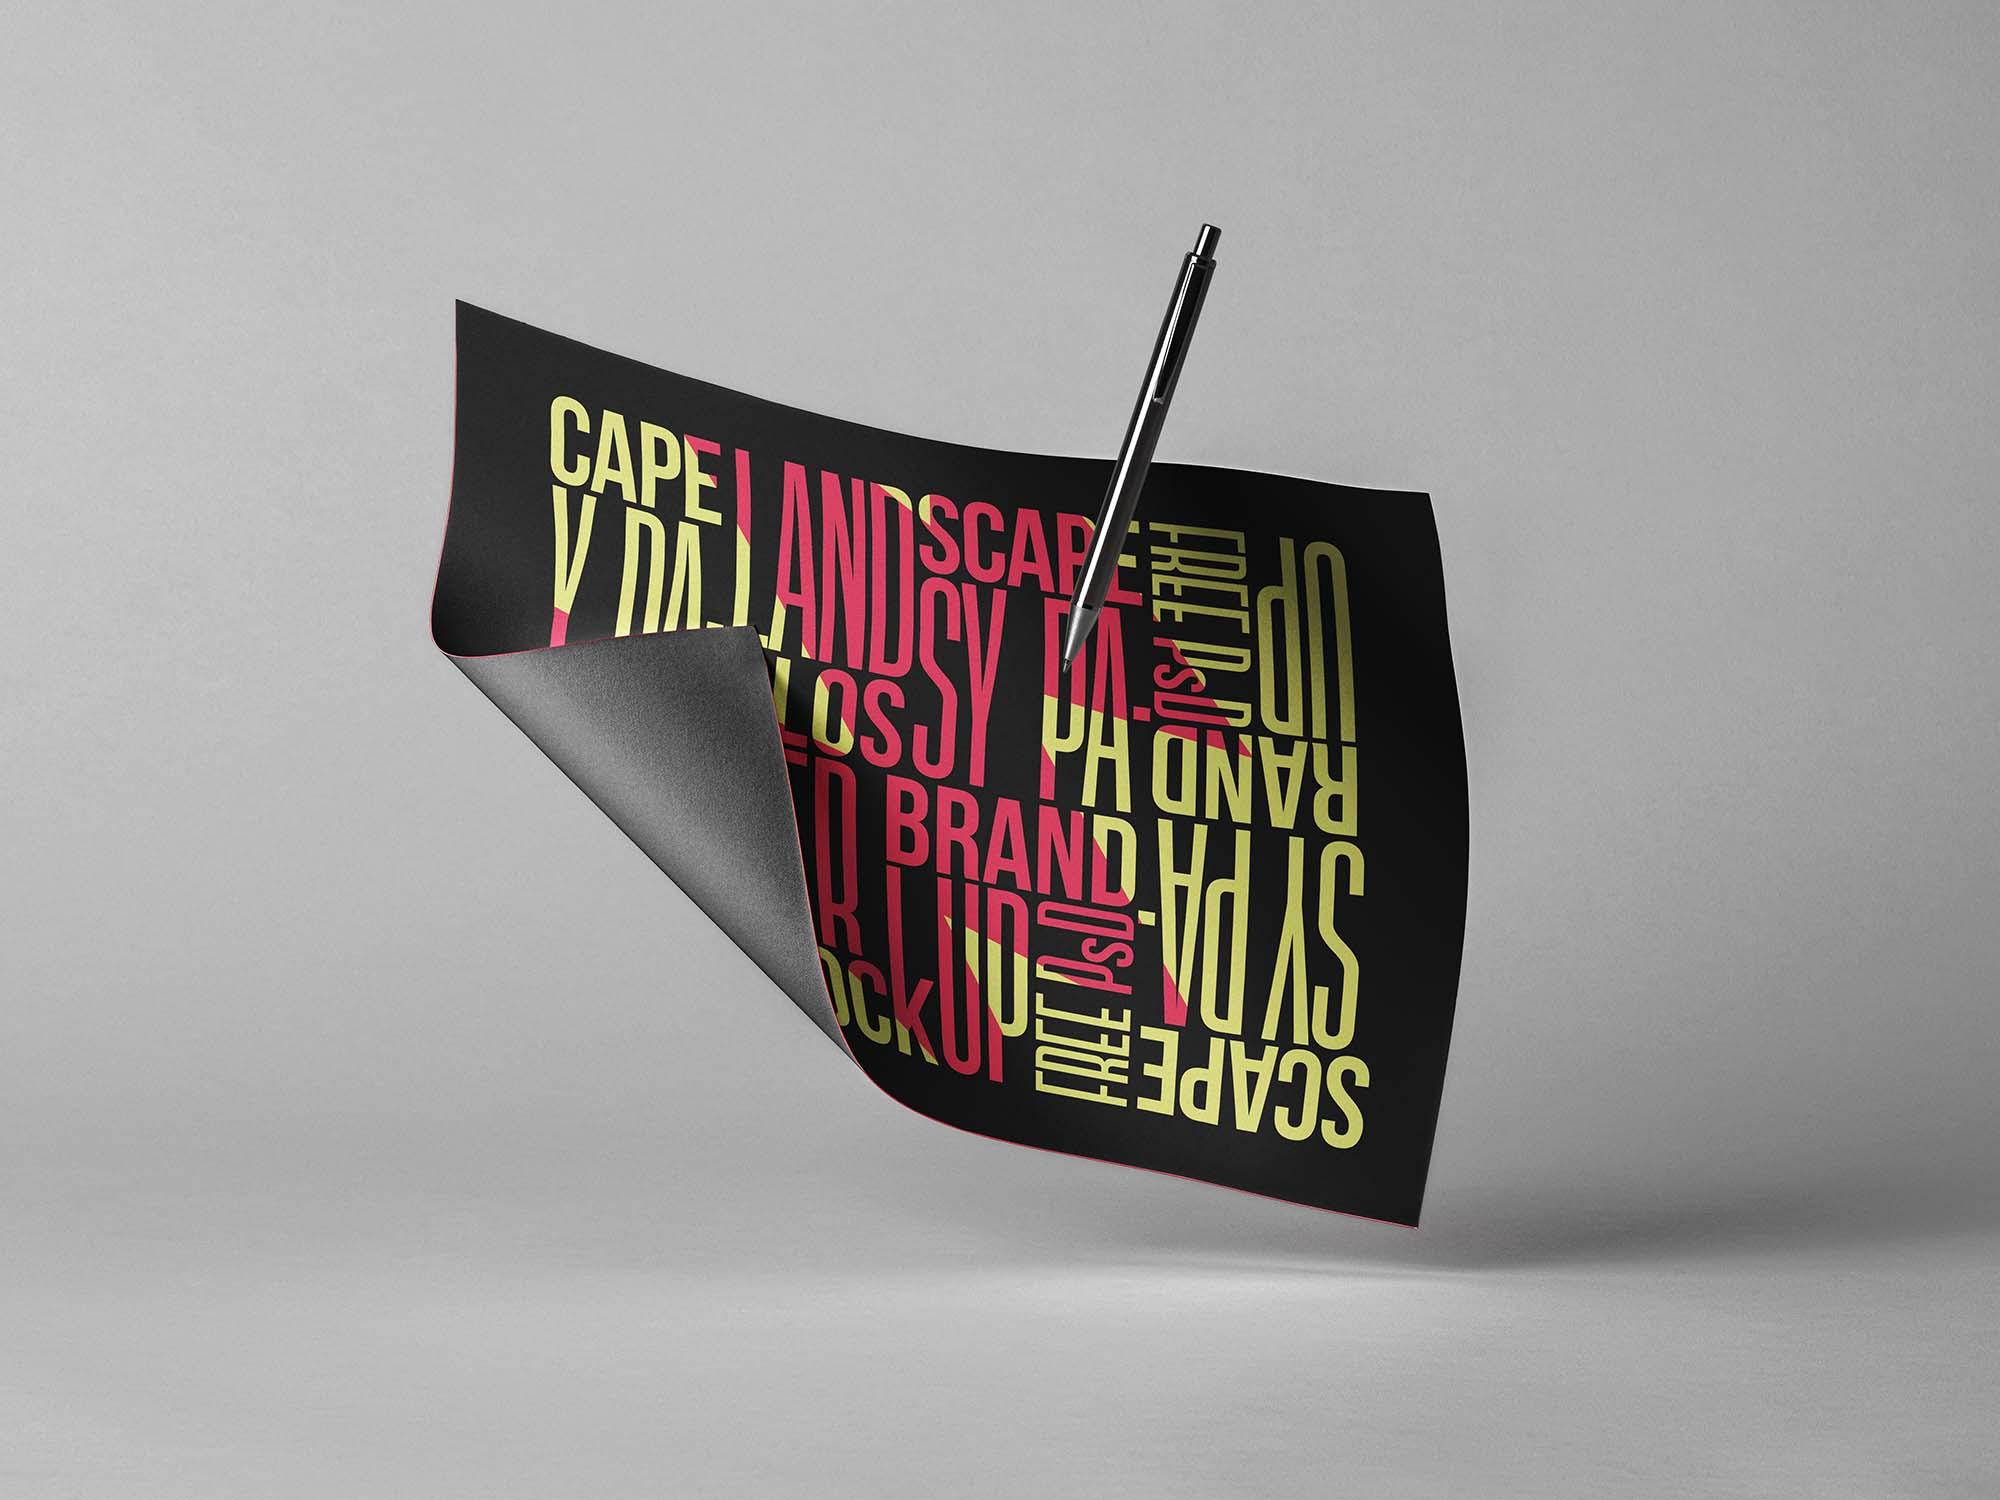 Brand Landscape Paper Mockup